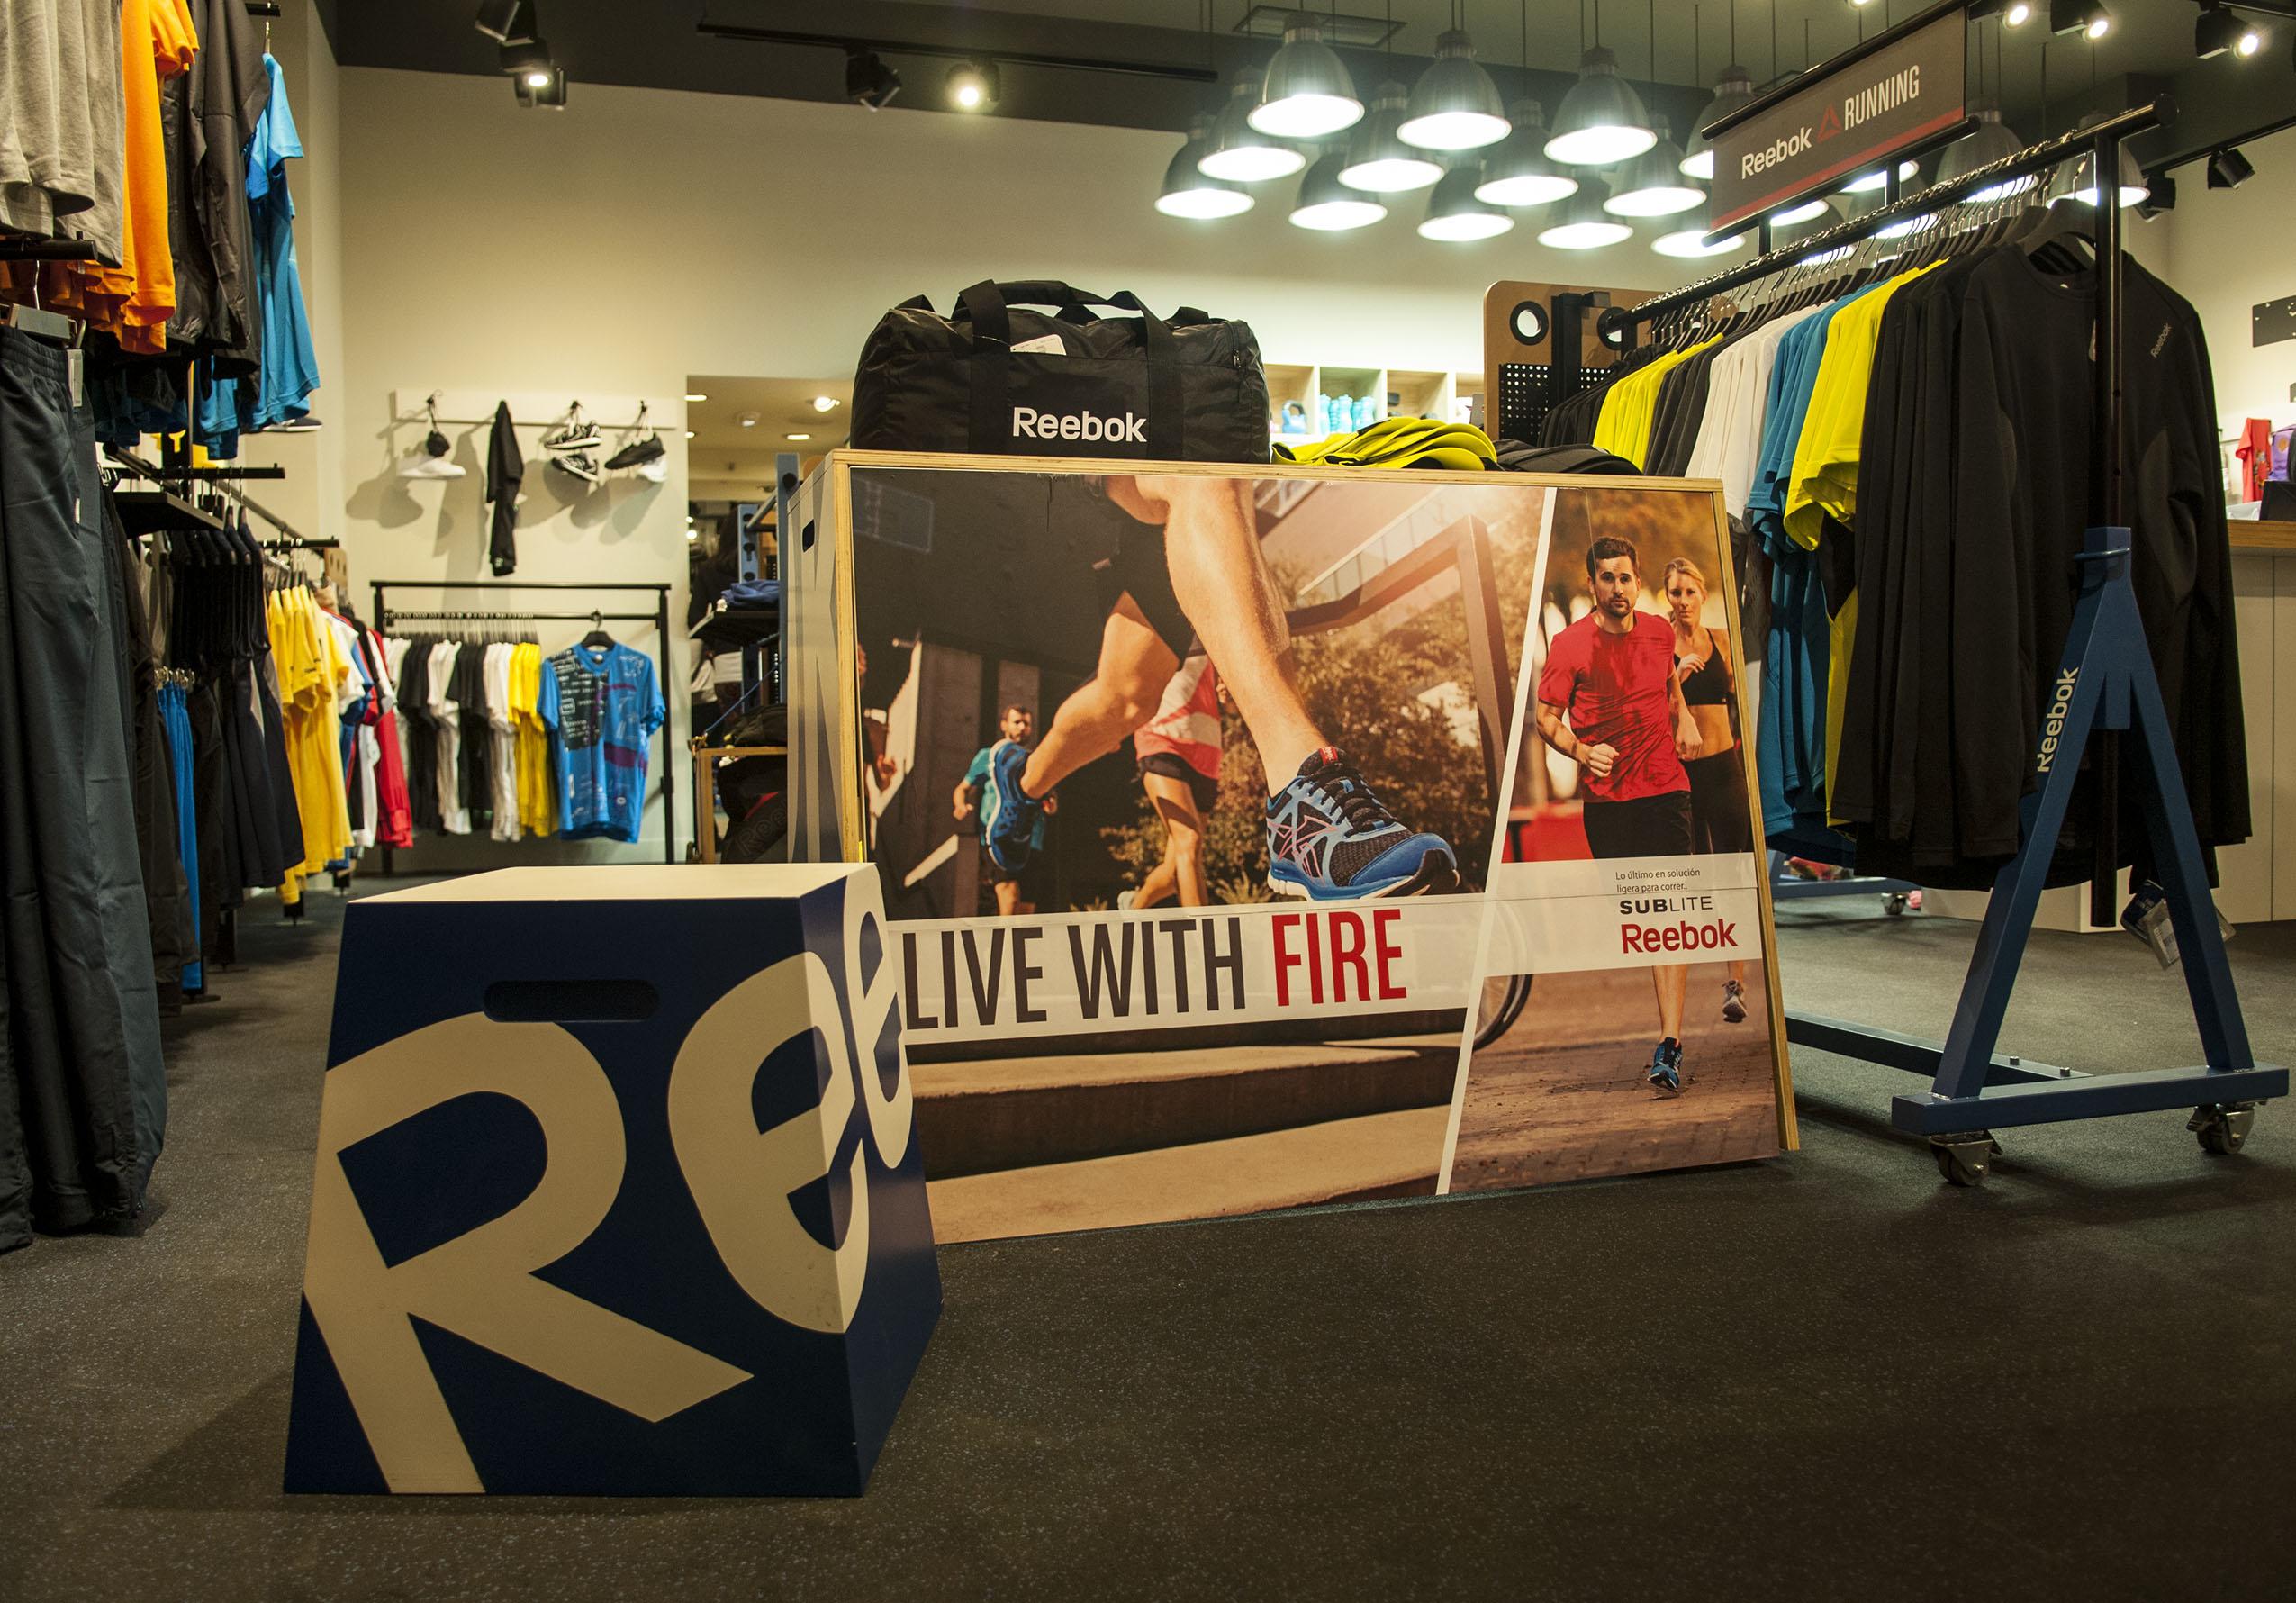 reebok 621 - Reebok invertirá sus fichas para sumar 500 tiendas en China